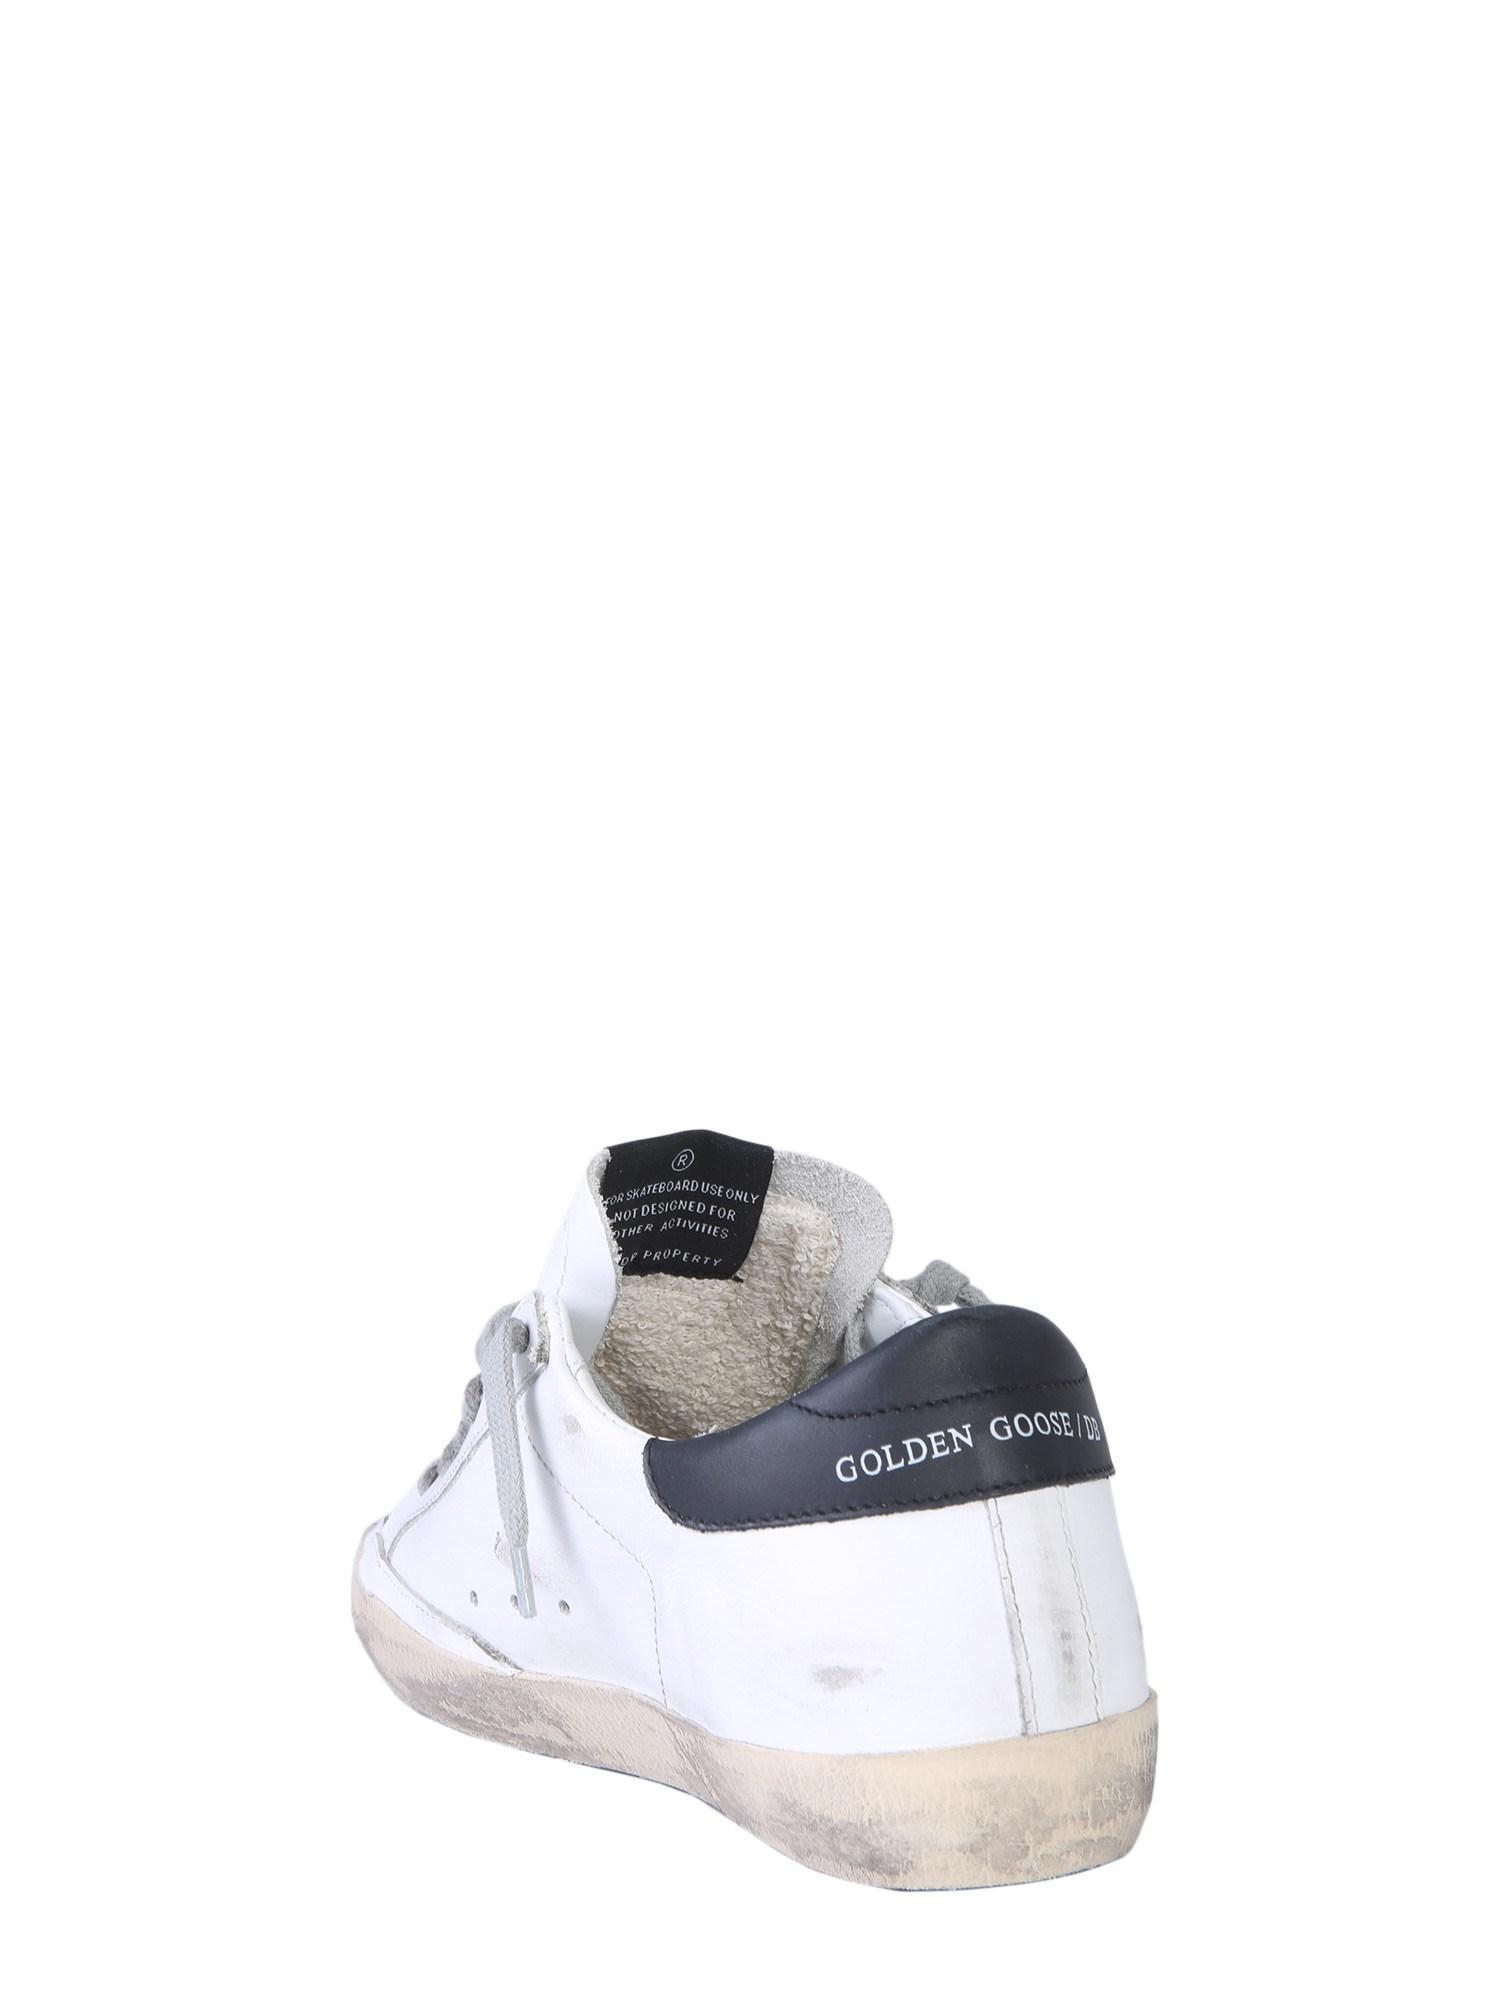 fee8b0b09b Golden Goose Deluxe Brand Sneaker Superstar In Pelle in White - Lyst